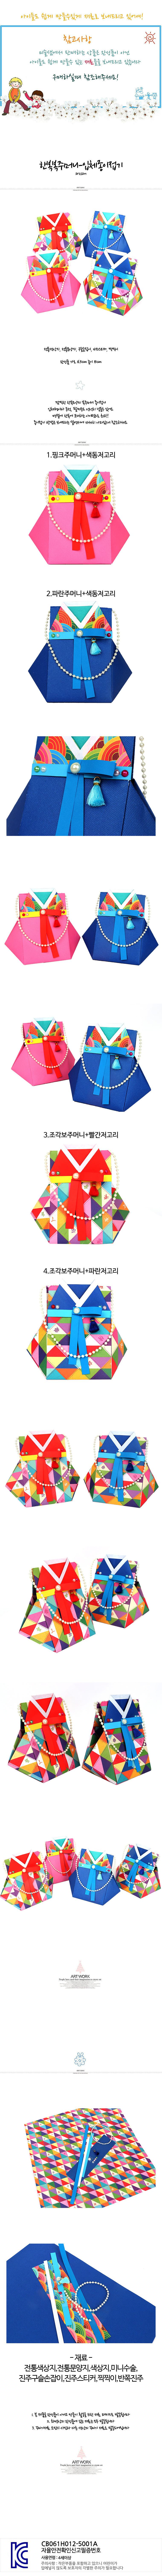 한복복주머니-입체종이접기 5인용 - 미술샘, 9,000원, 종이공예/북아트, 종이공예 패키지